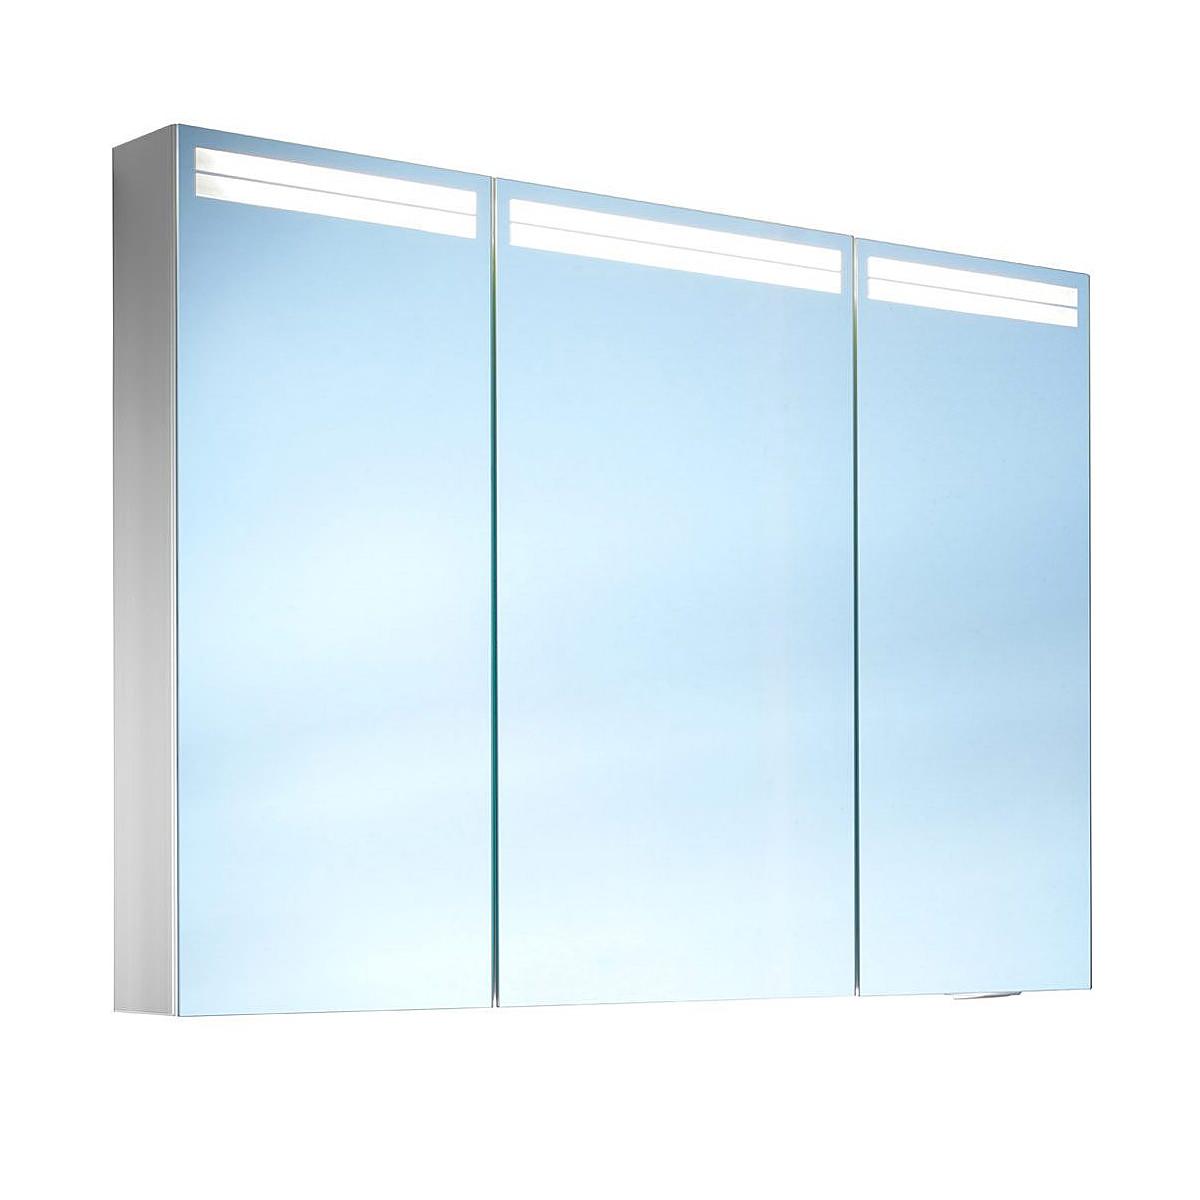 Value Kitchen Cabinets Schneider Arangaline 3 Door Mirror Cabinet 1000mm